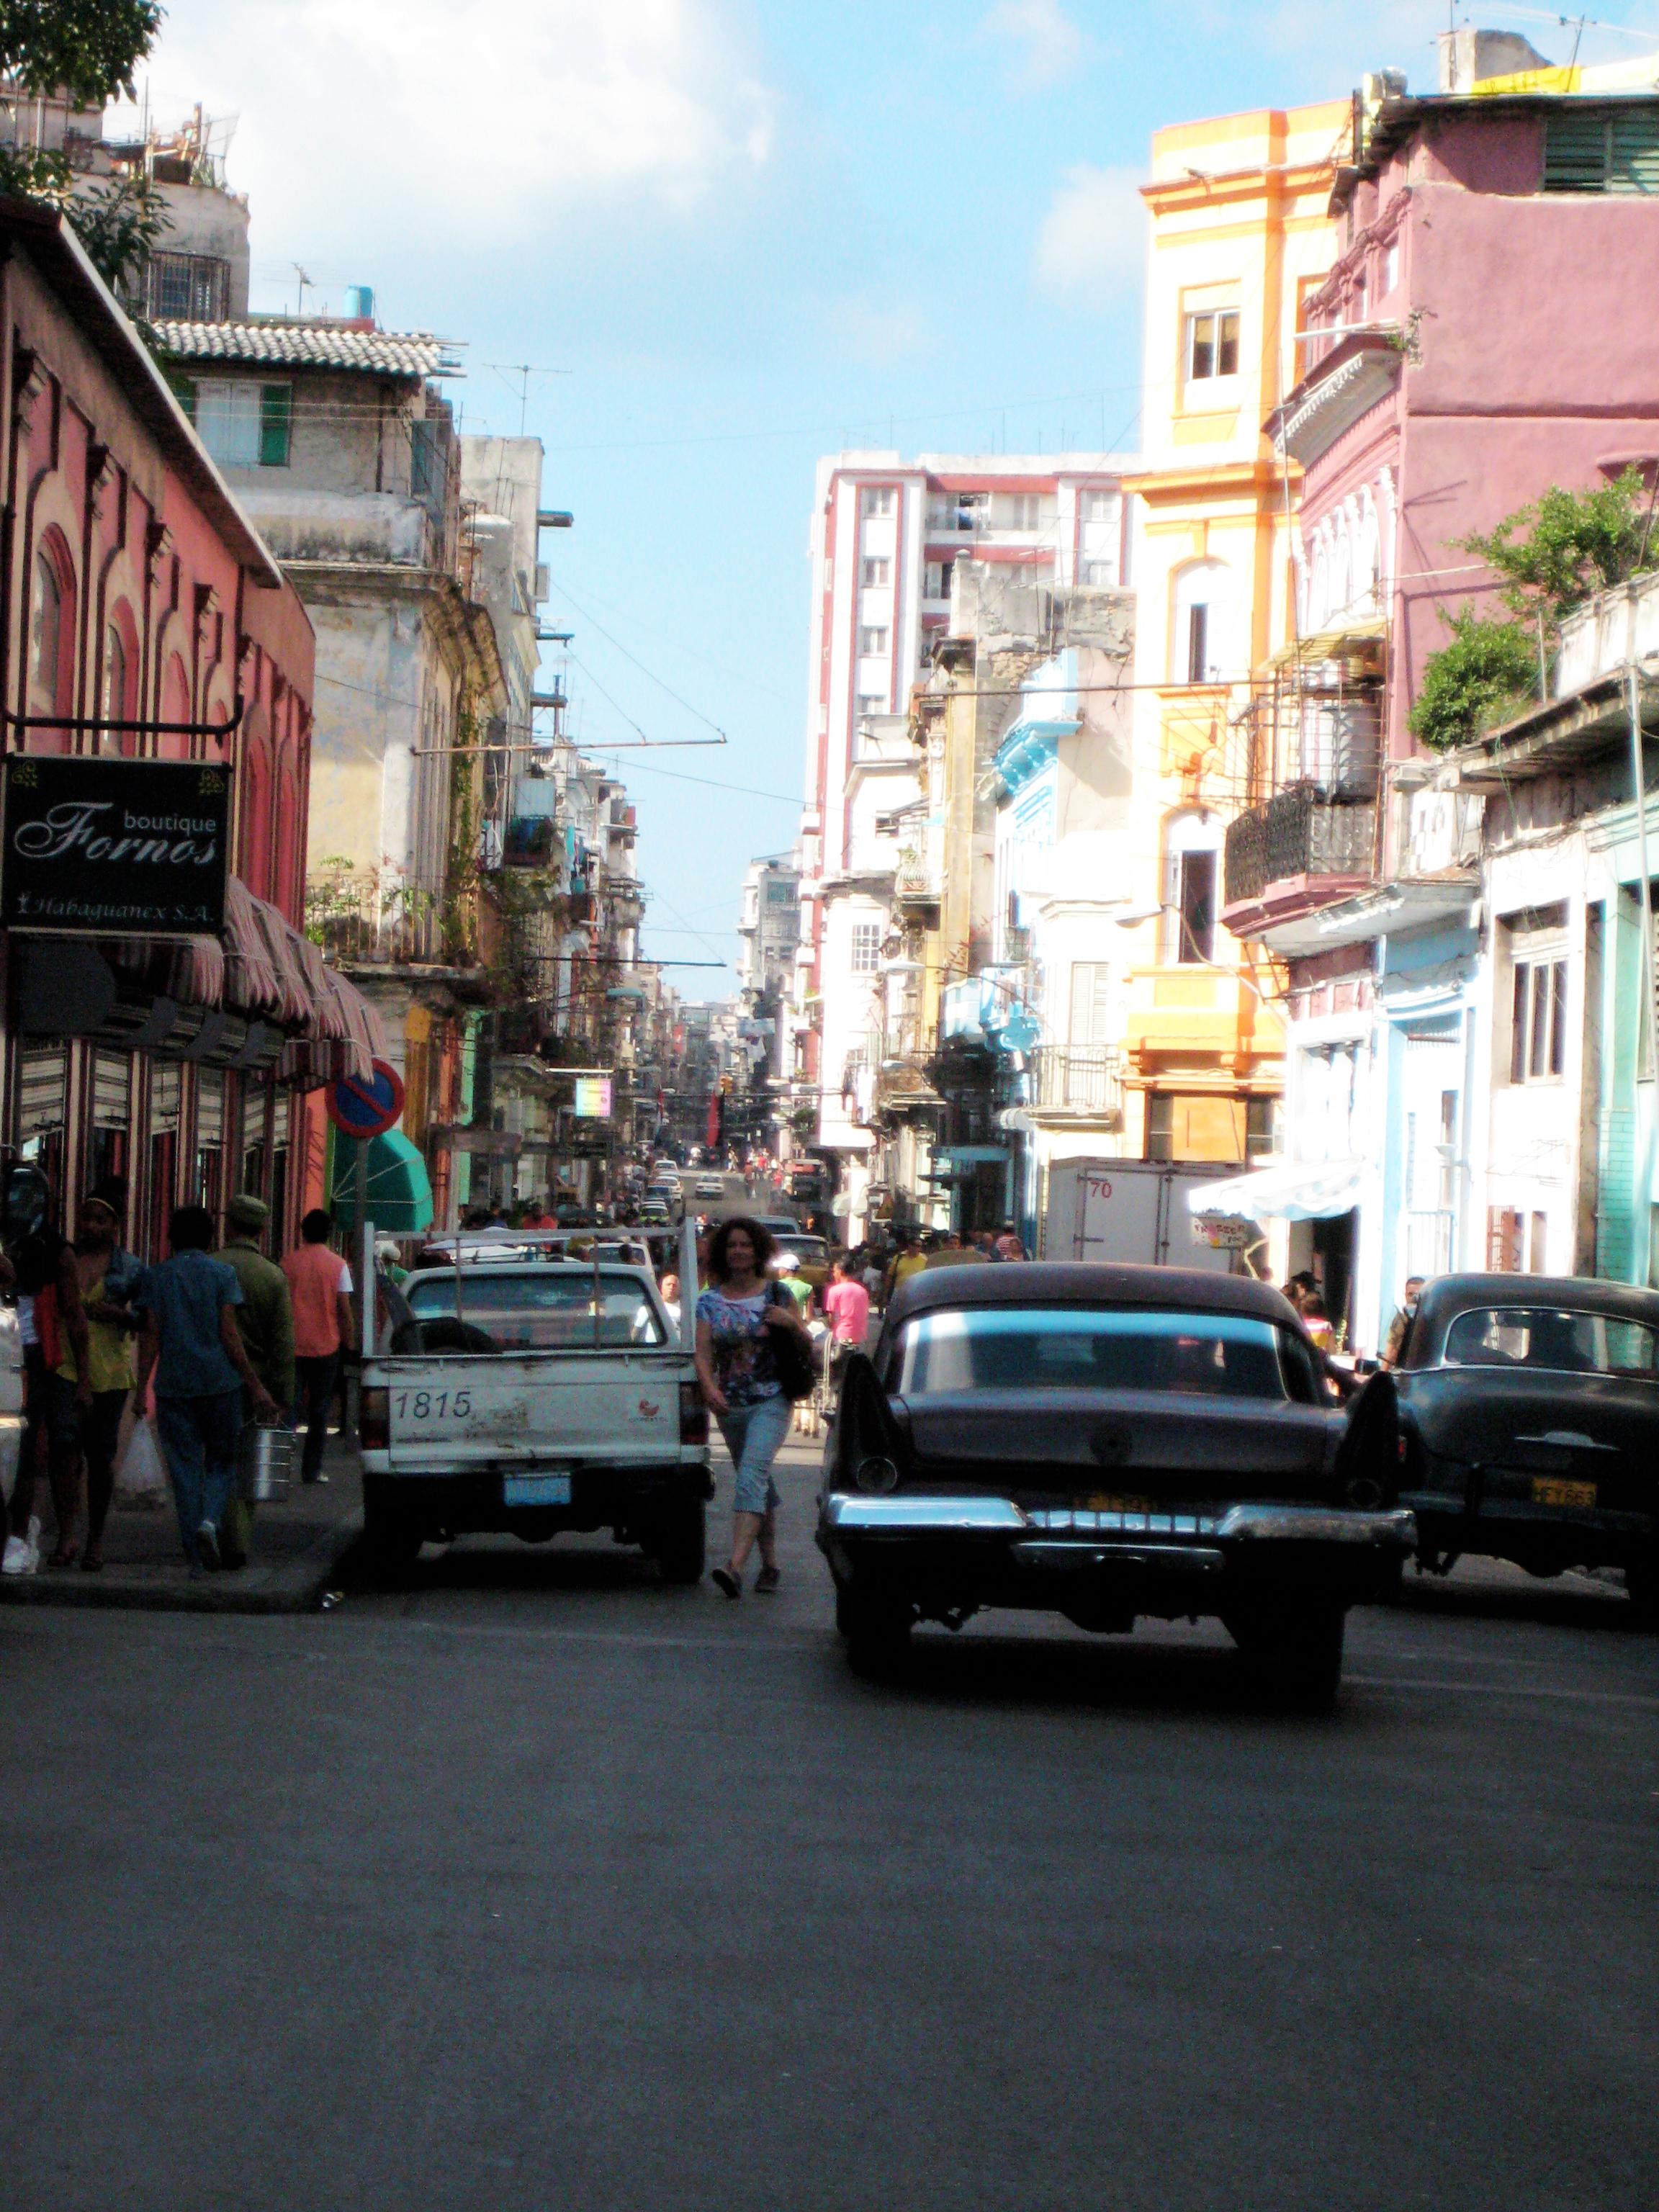 cubanalleyways.jpg